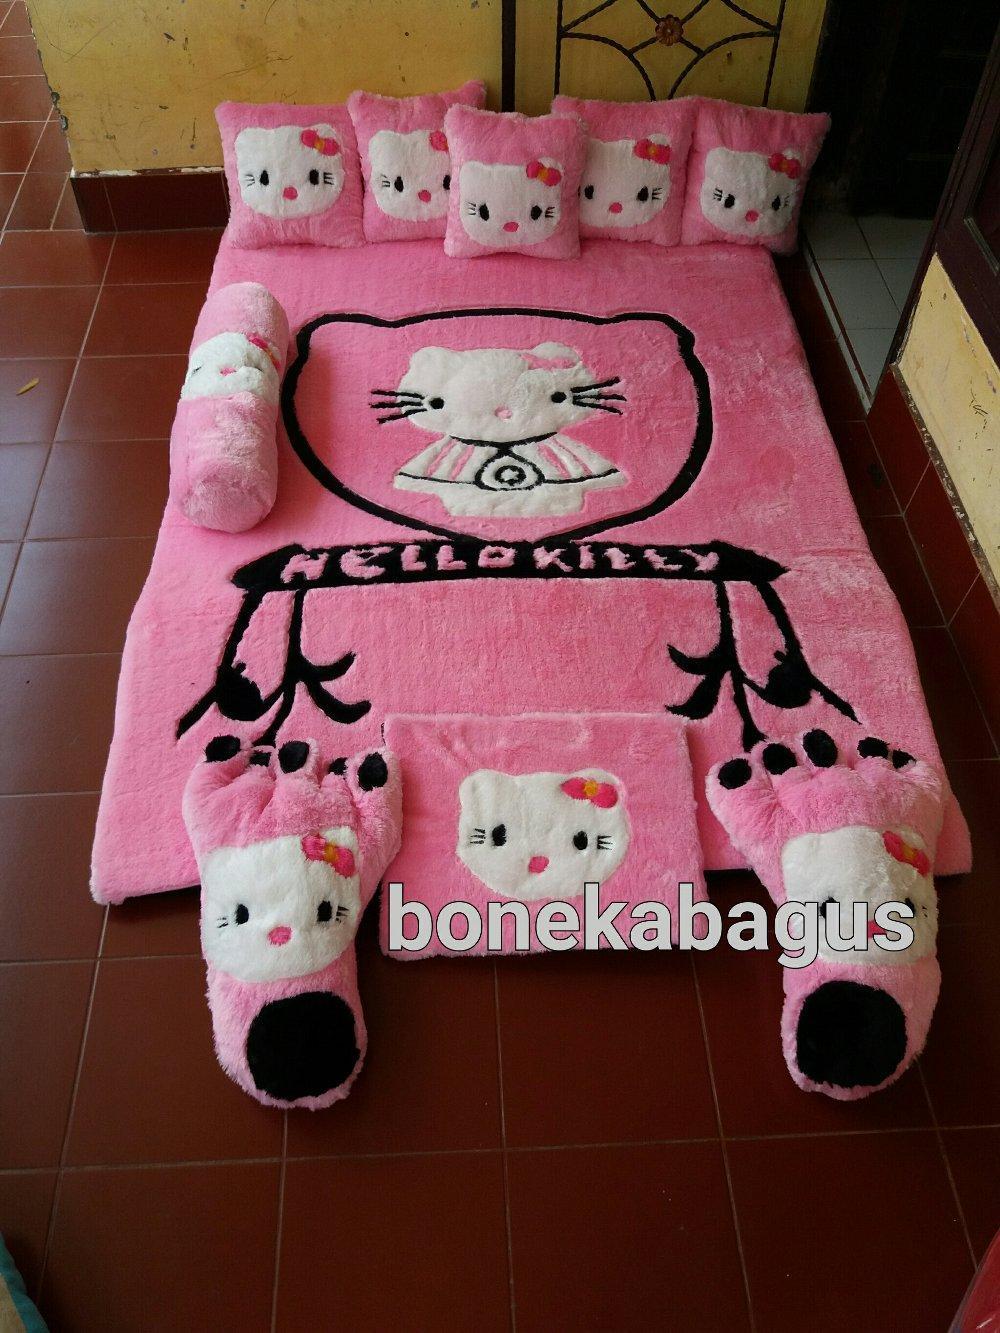 KARPET KARAKTER HELLO KITTY WARNA SOFT PINK FULL SET BULU LEMBUT RASFUR # Boneka Bagus bonekabagus